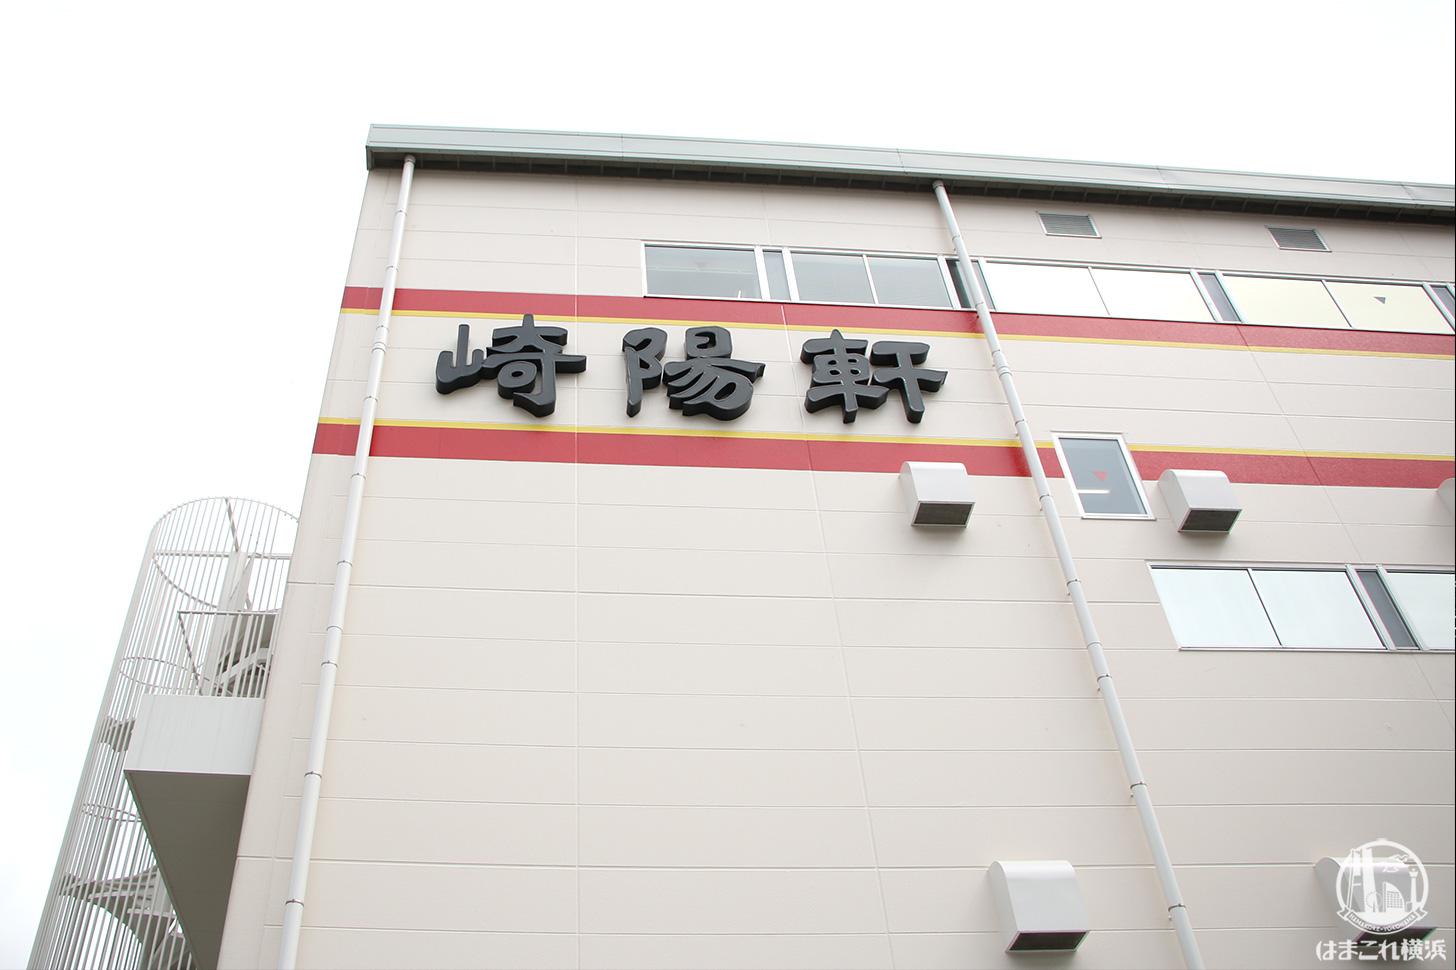 崎陽軒 横浜工場 工場見学